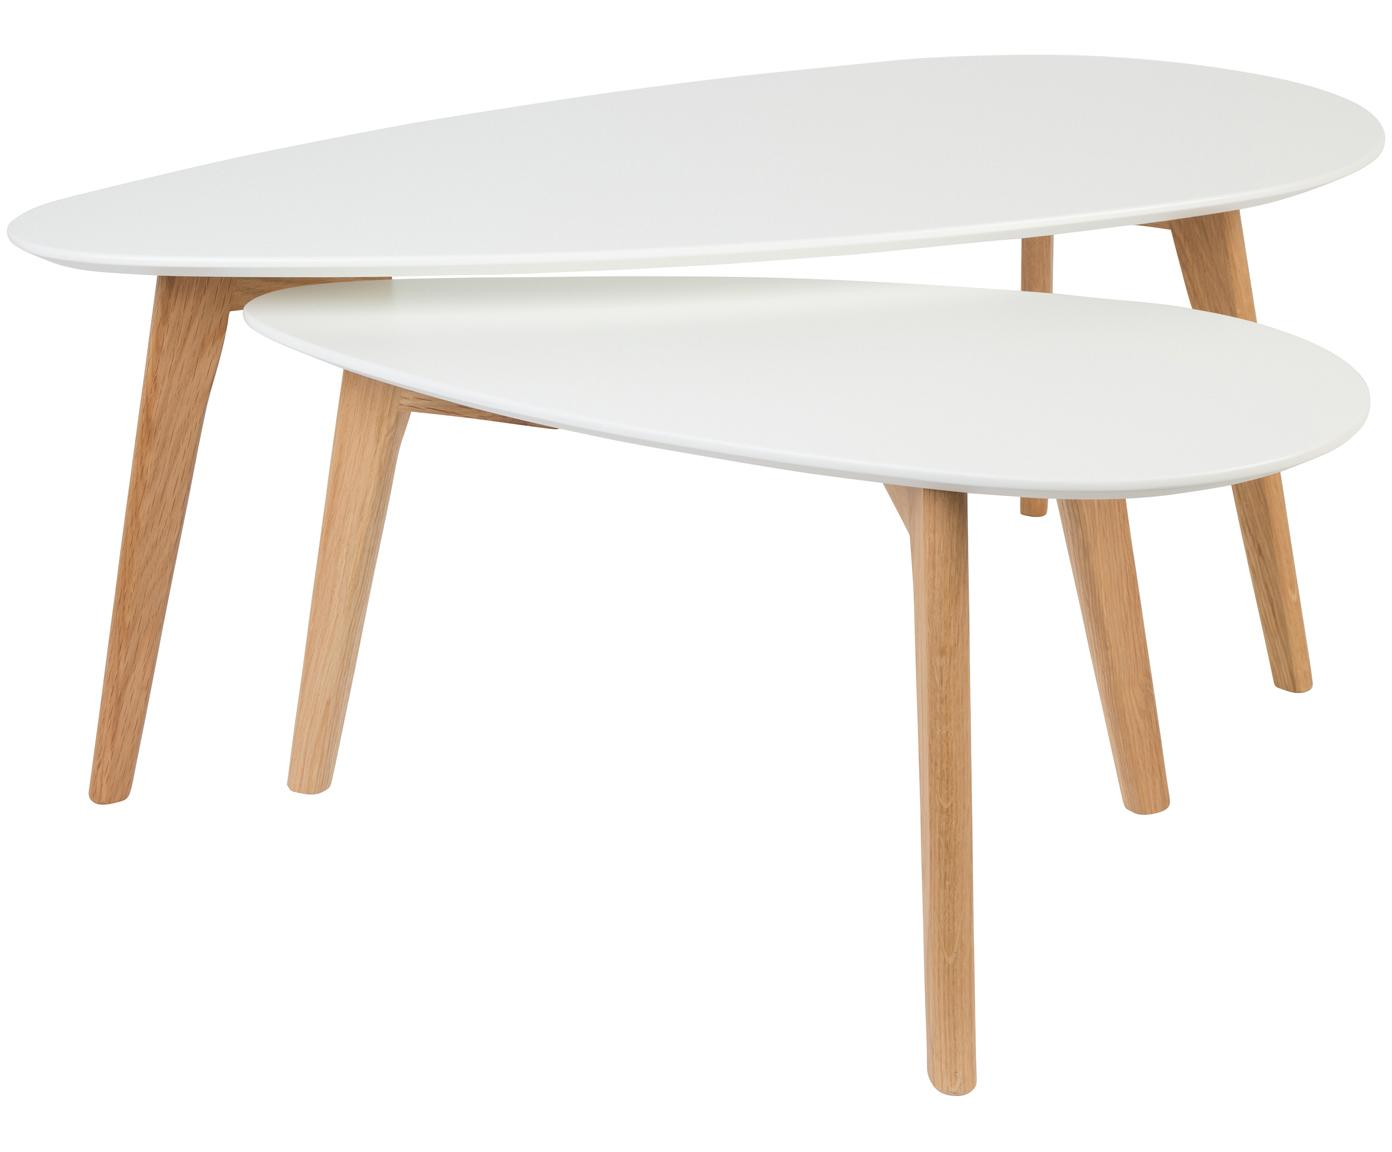 Komplet stolików kawowych Nordic, 2 elem., Blat: płyta pilśniowa o średnie, Nogi: drewno dębowe, Blat: biały<br>Nogi: drewno dębowe, Różne rozmiary